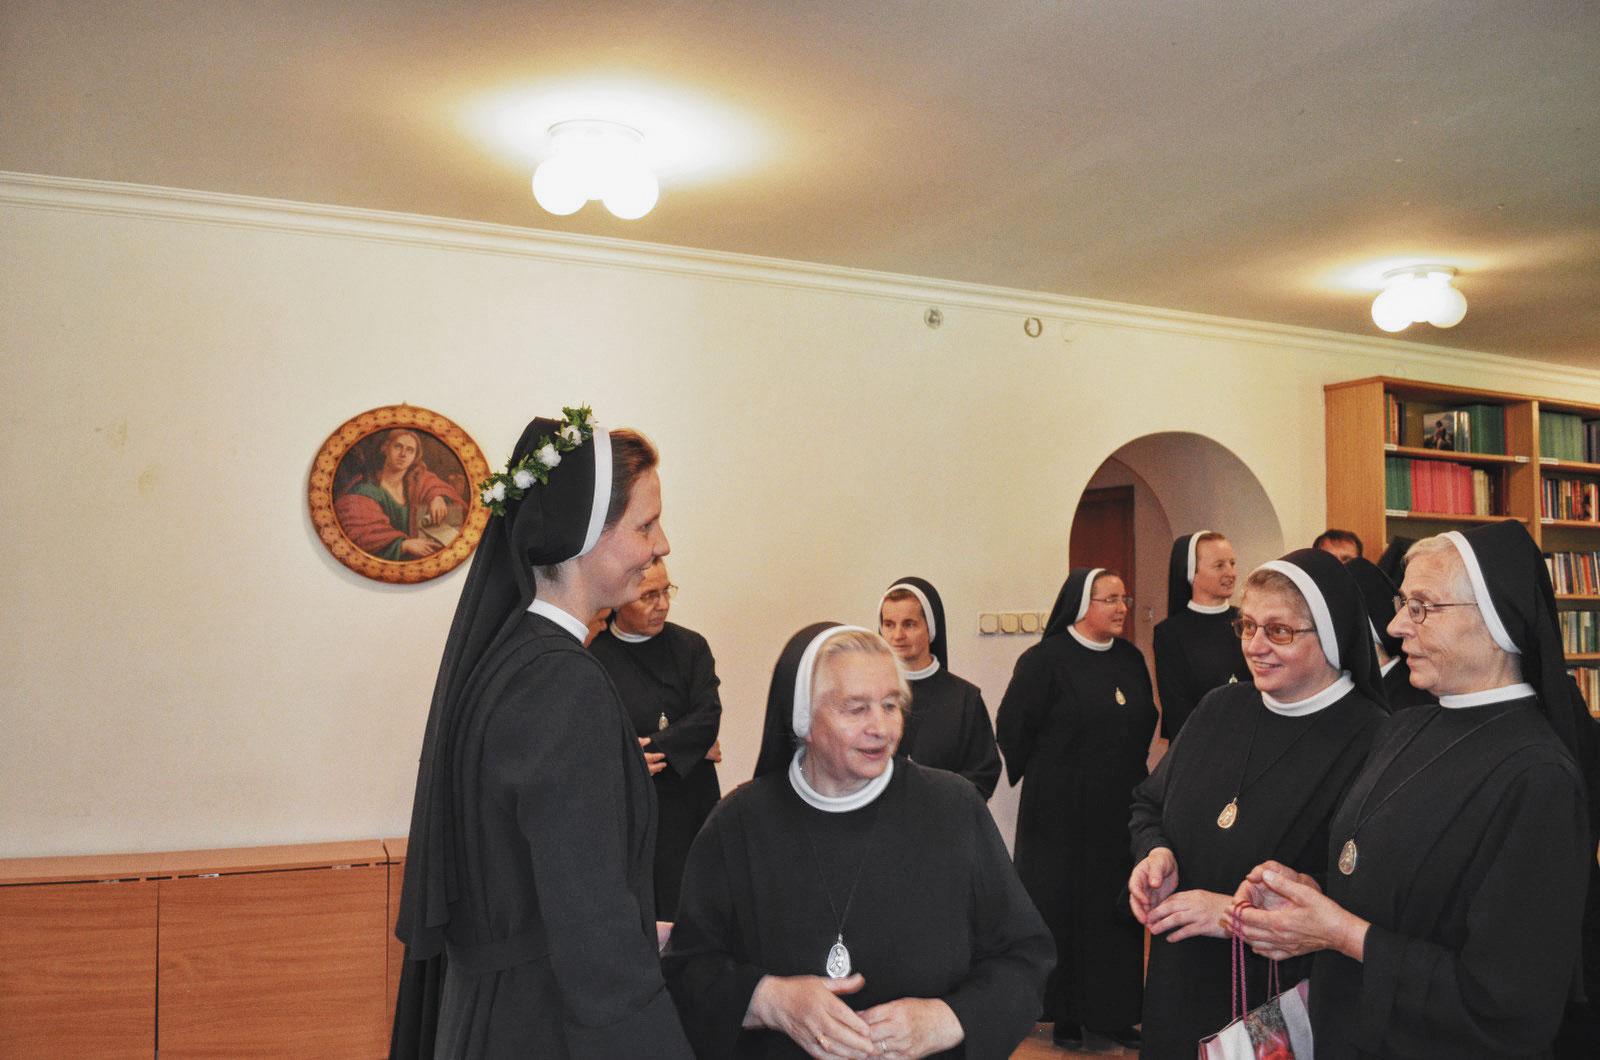 Sióstr_św_Elżbiety-Pierwsze_Śluby_fotorelacja-I-SLUBY-DSC_0611-min.jpg